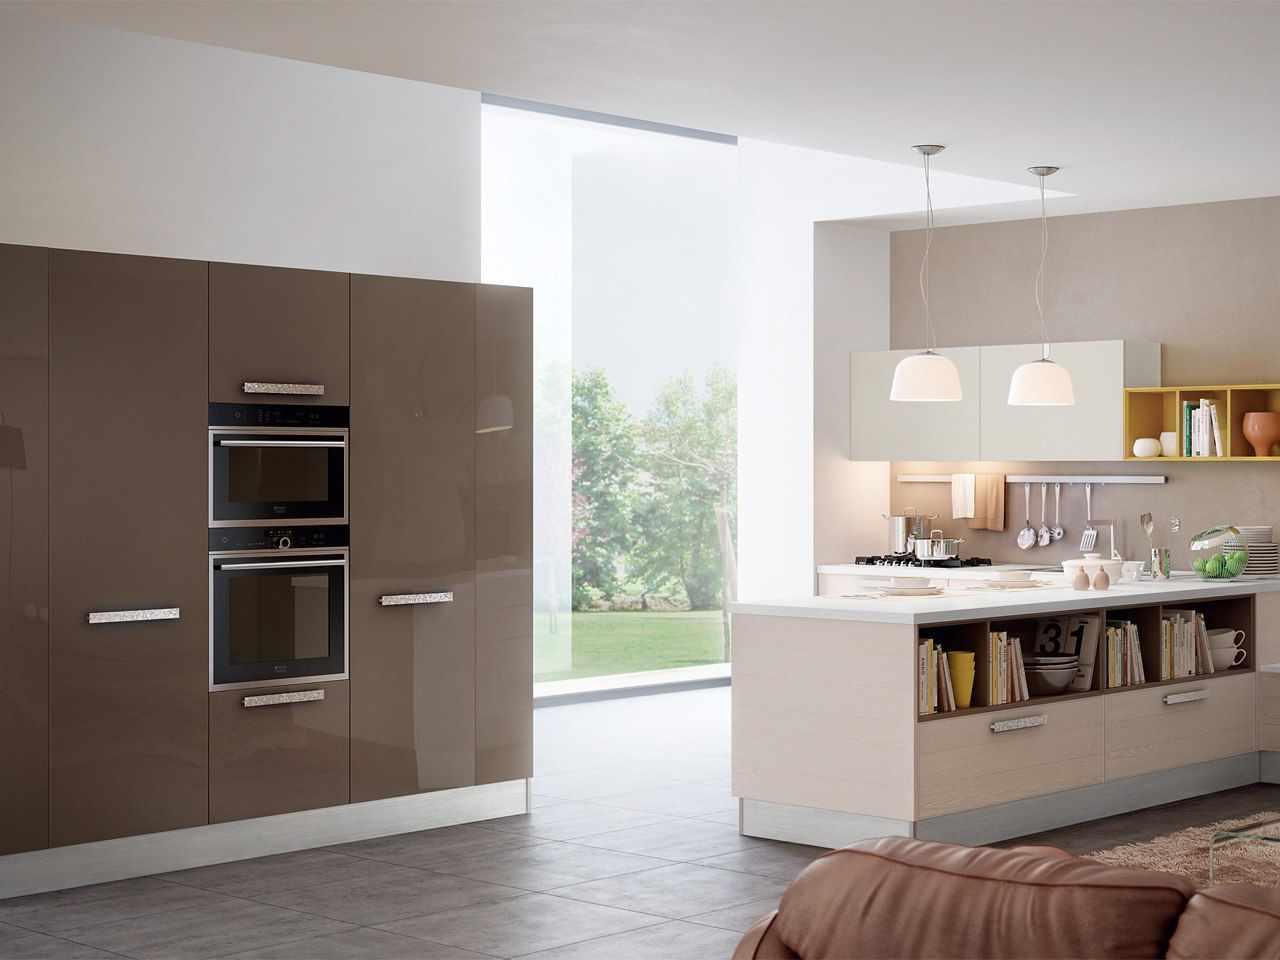 Светлая кухня с мебелью цвета капучино